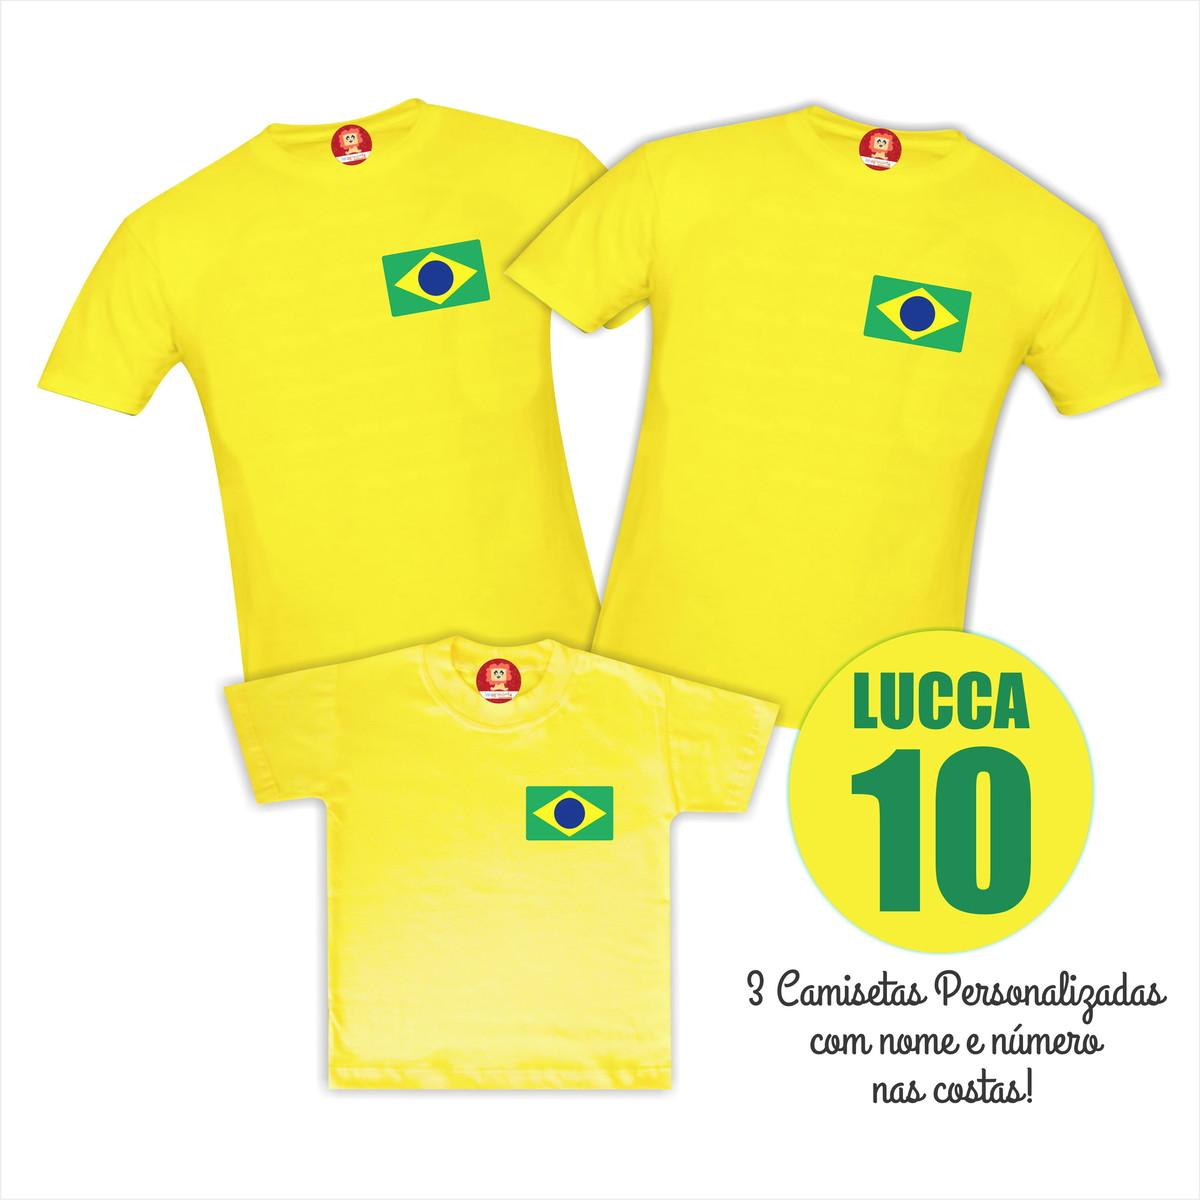 f4b5134c3b Imaginário Roupas Personalizadas  Camiseta Personalizada Copa do Mundo